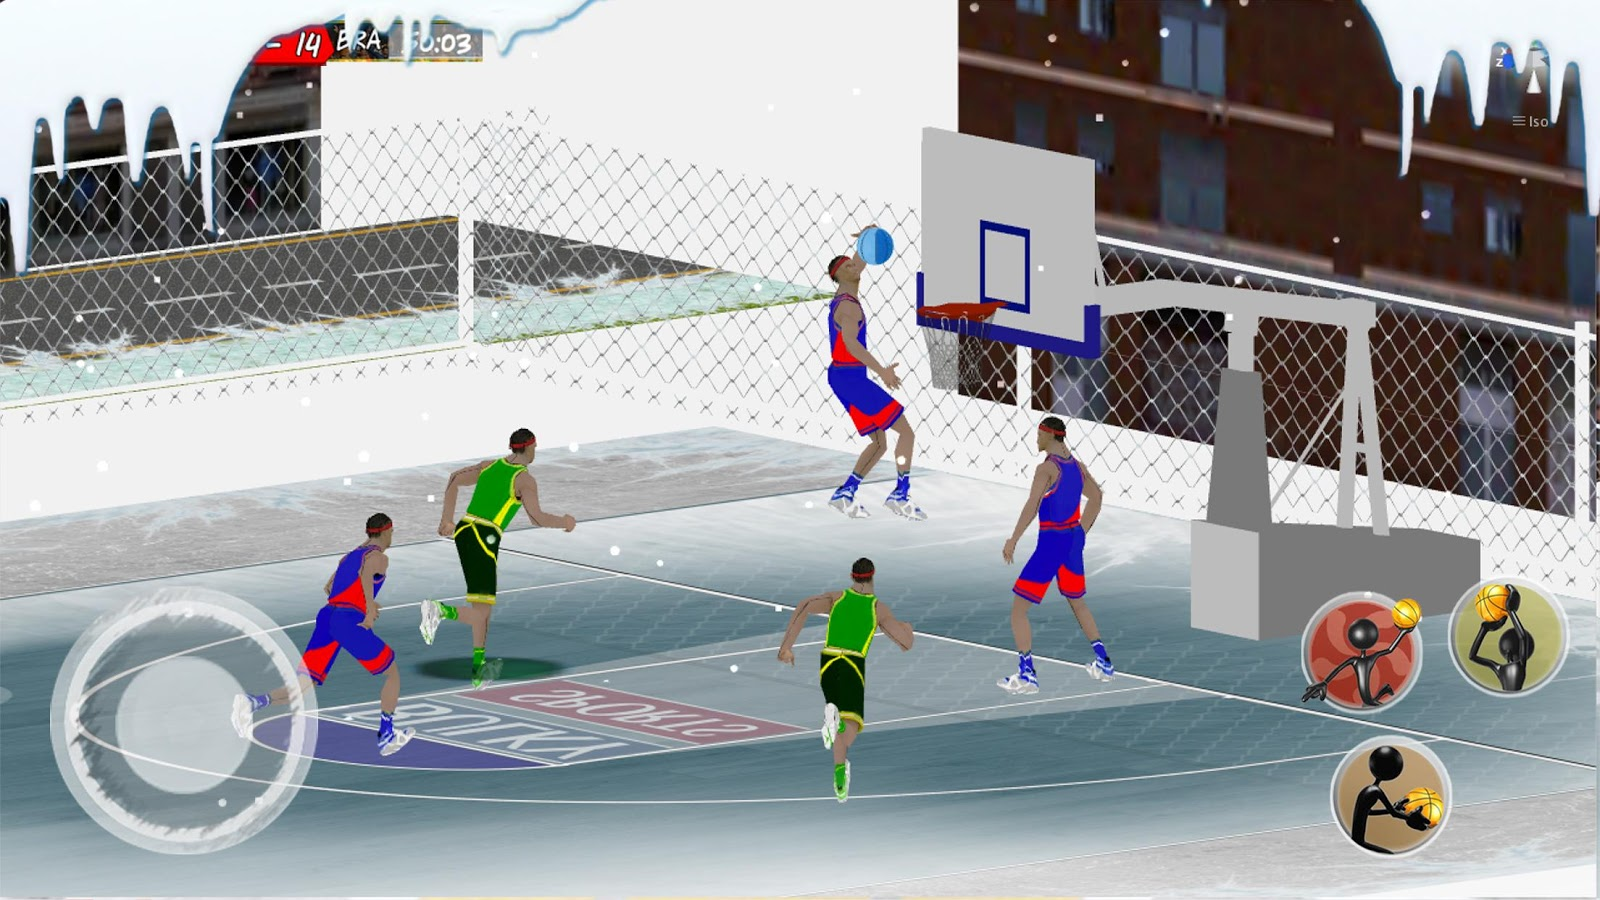 street basketball association offline apk